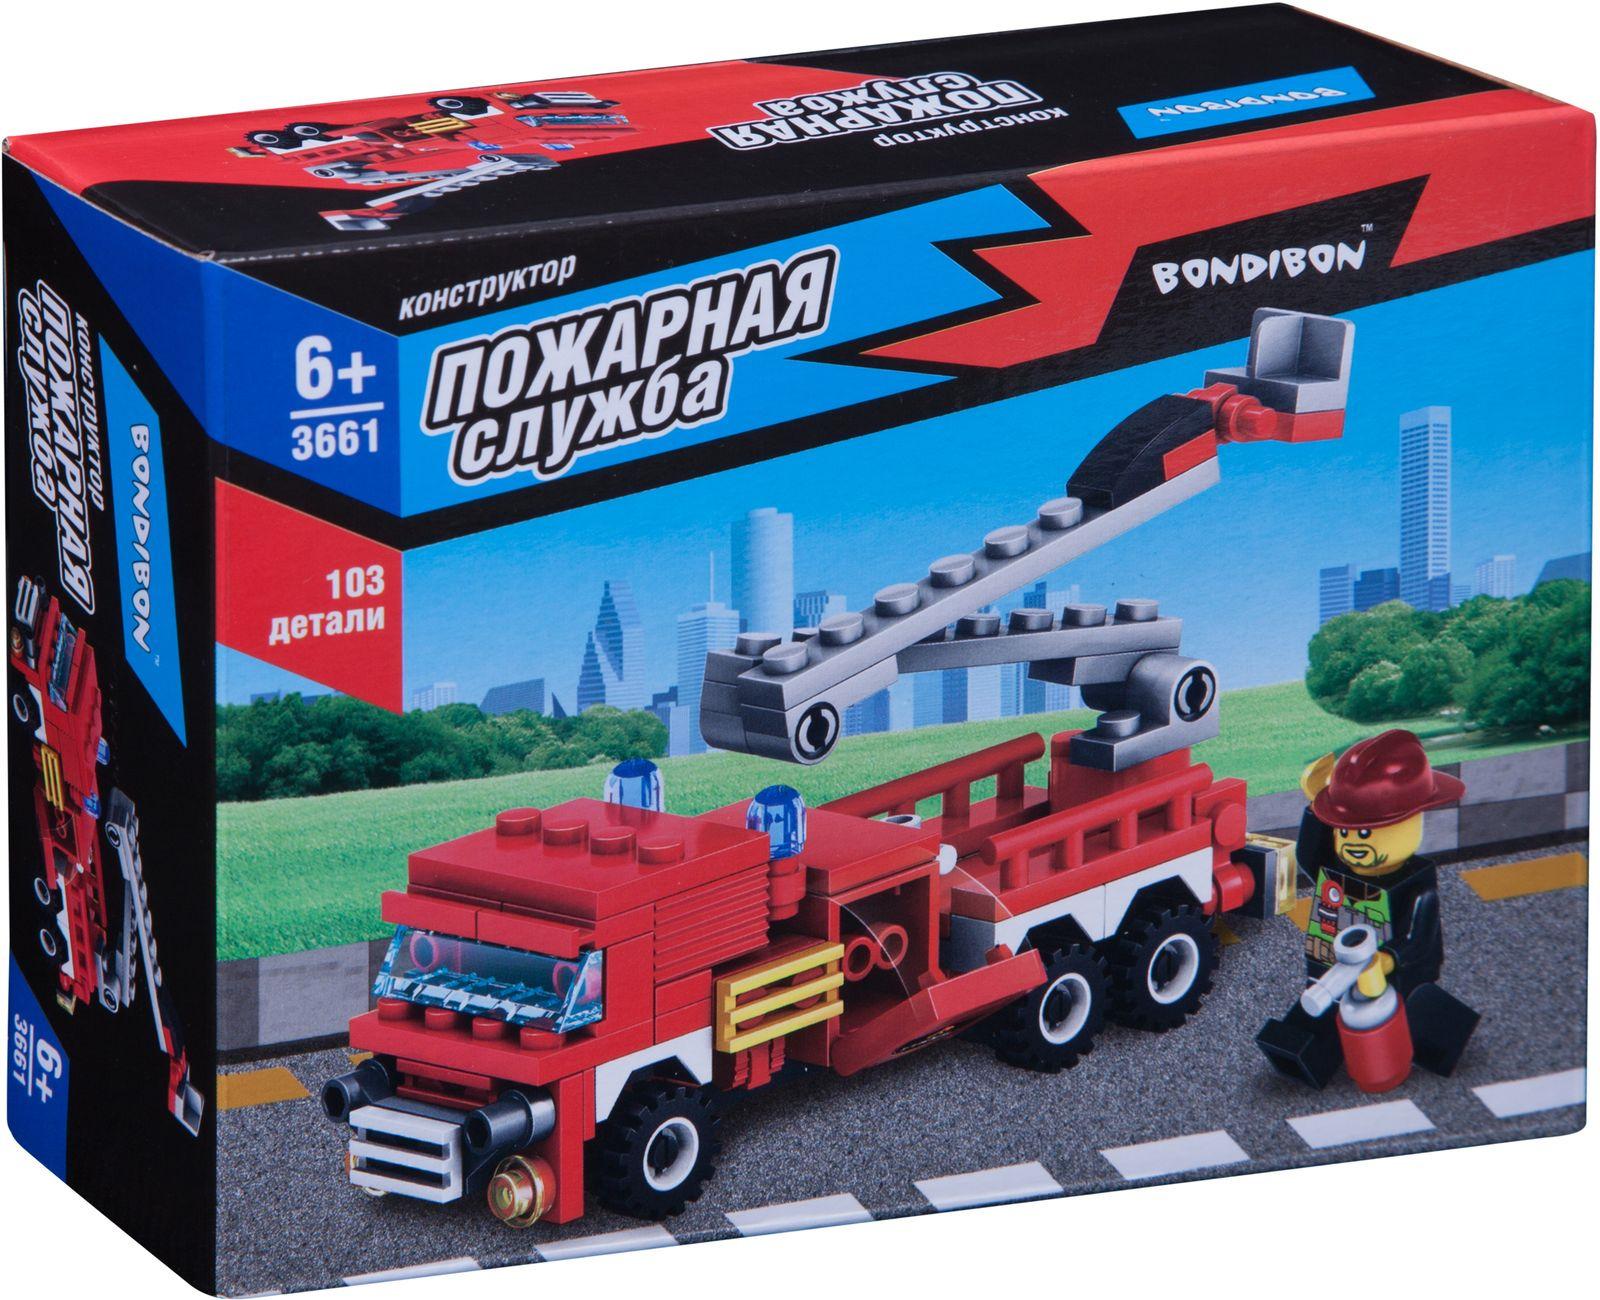 Пластиковый конструктор Bondibon Пожарная служба Пожарная машина, ВВ3661